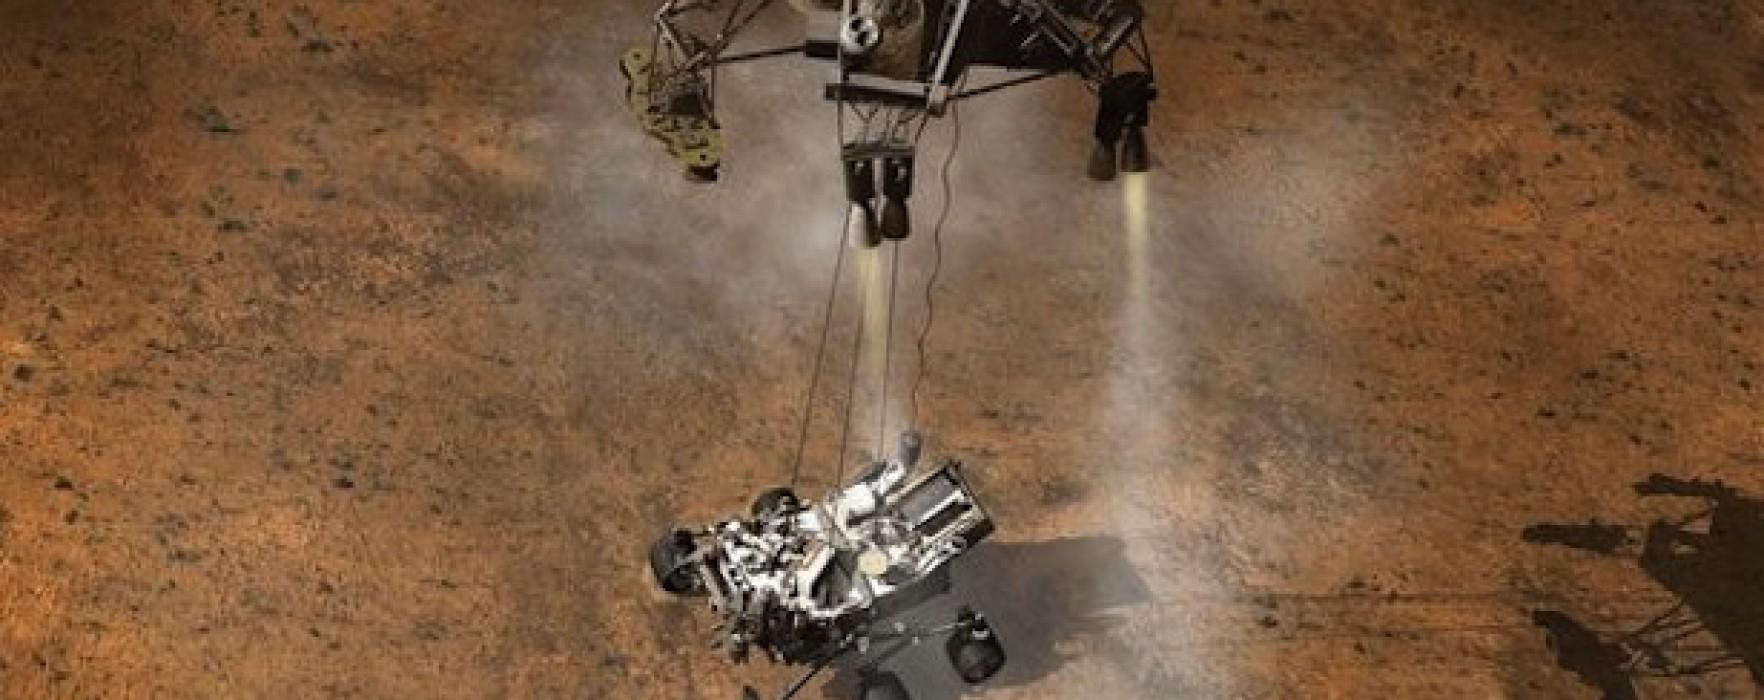 Mars lailung ah Curiosity Rover theuh zo, kin lailung ah zut kuat